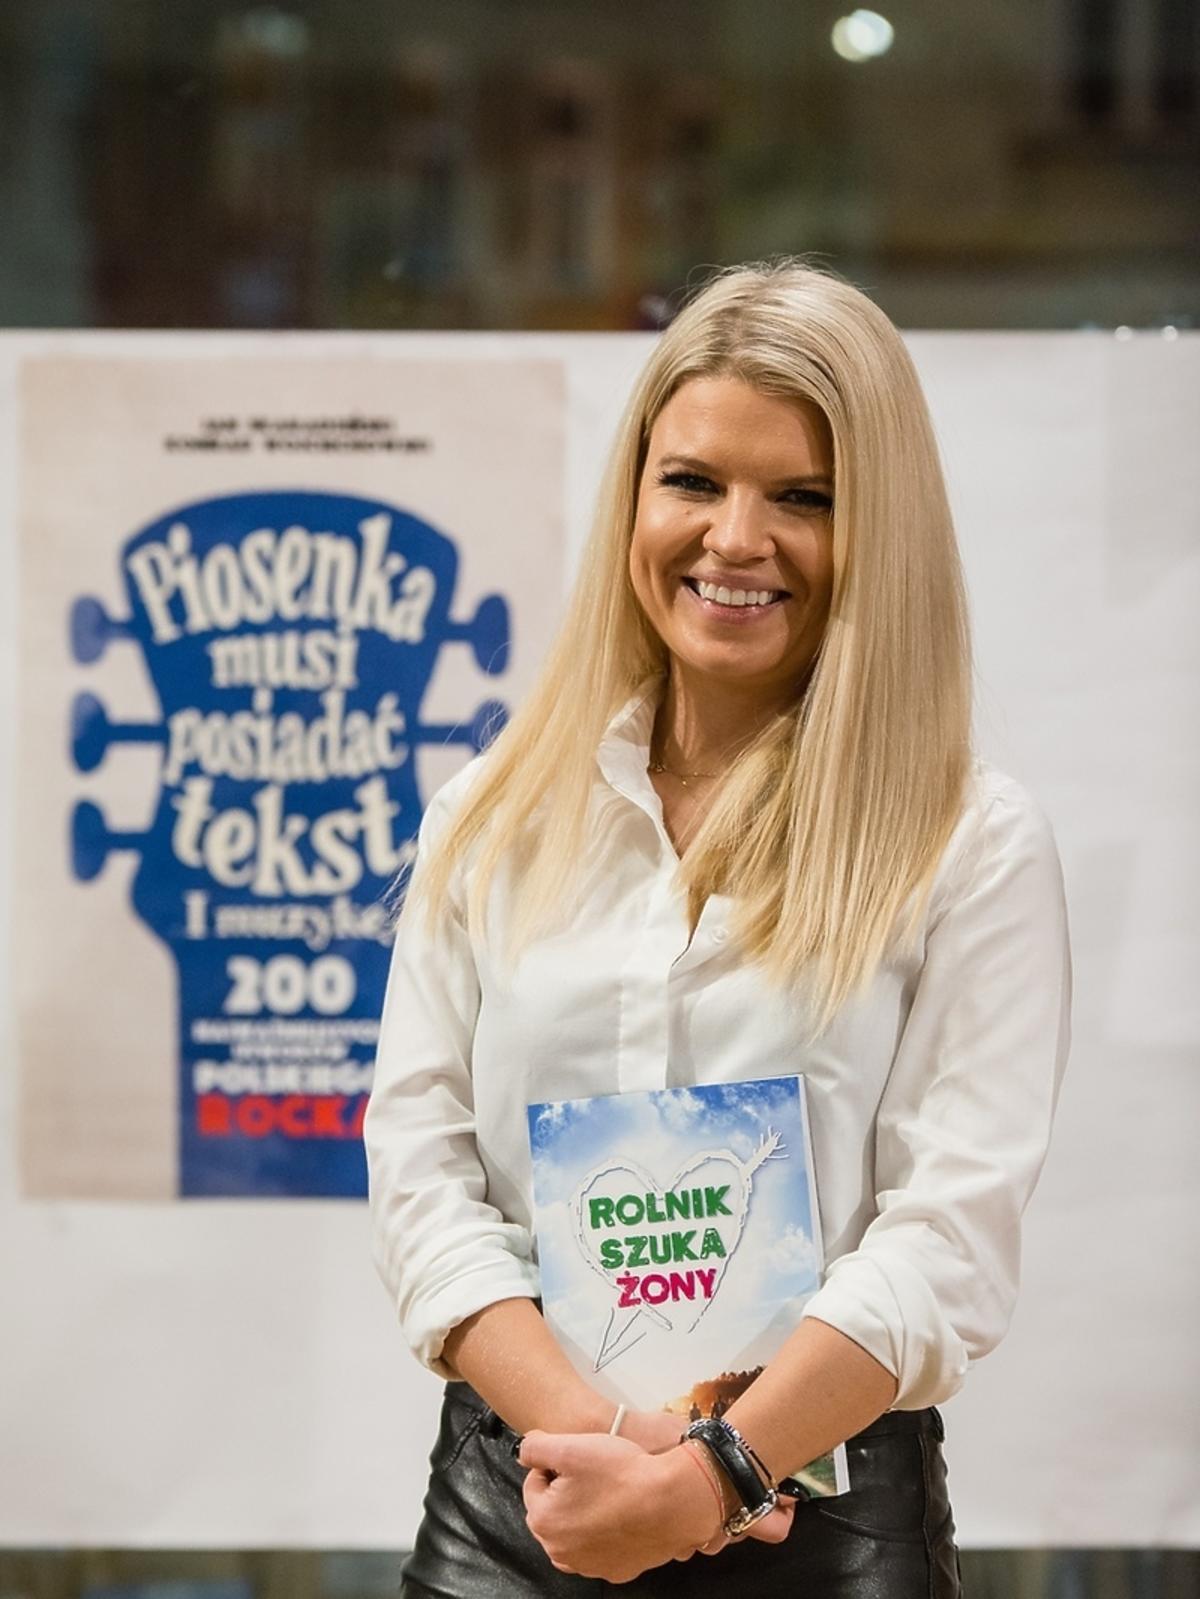 Marta Manowska promuje swoją książkę